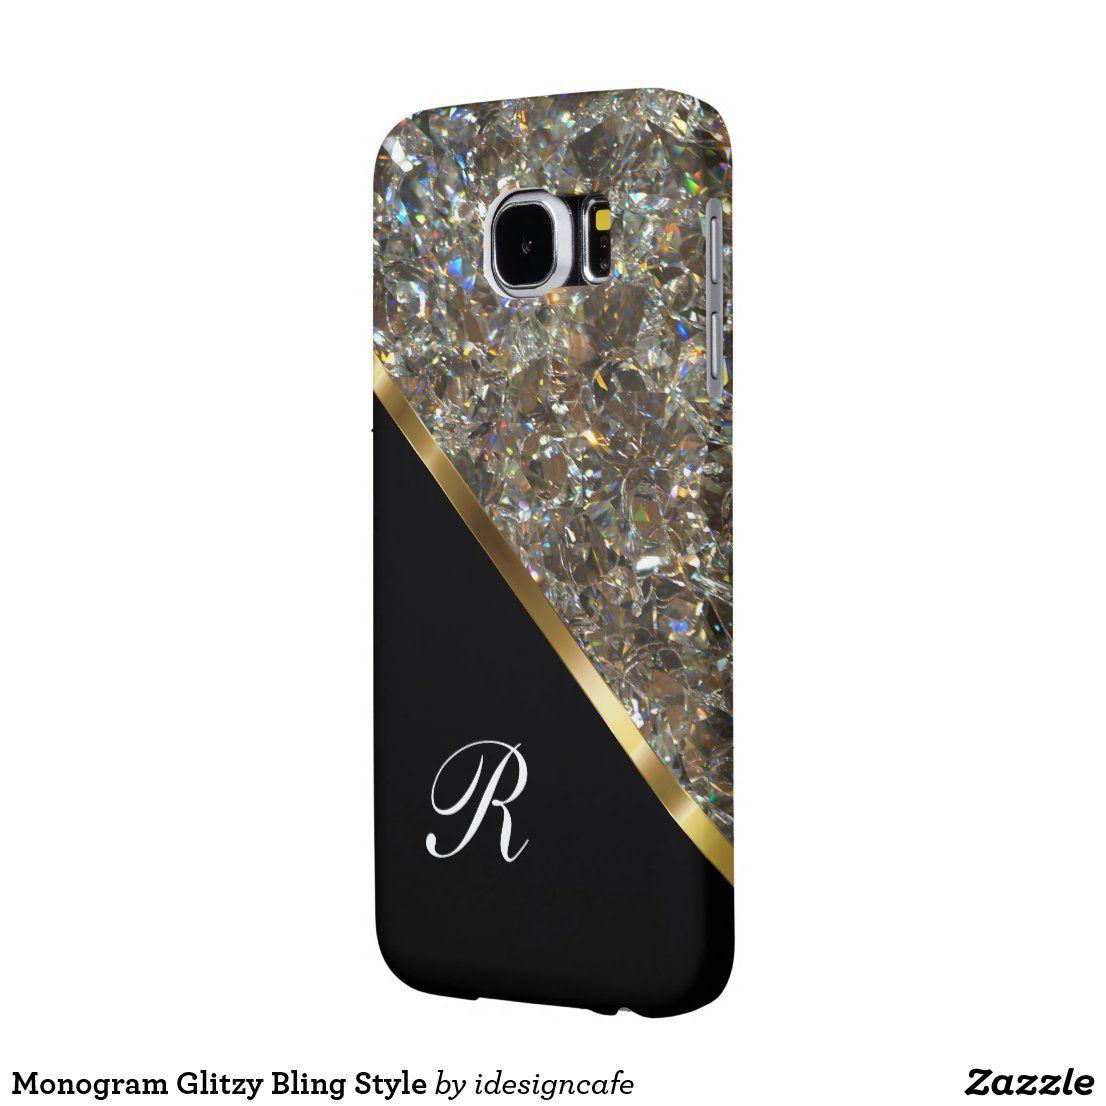 Monogram Glitzy Bling Style Case-Mate Samsung Galaxy Case | Zazzle.com